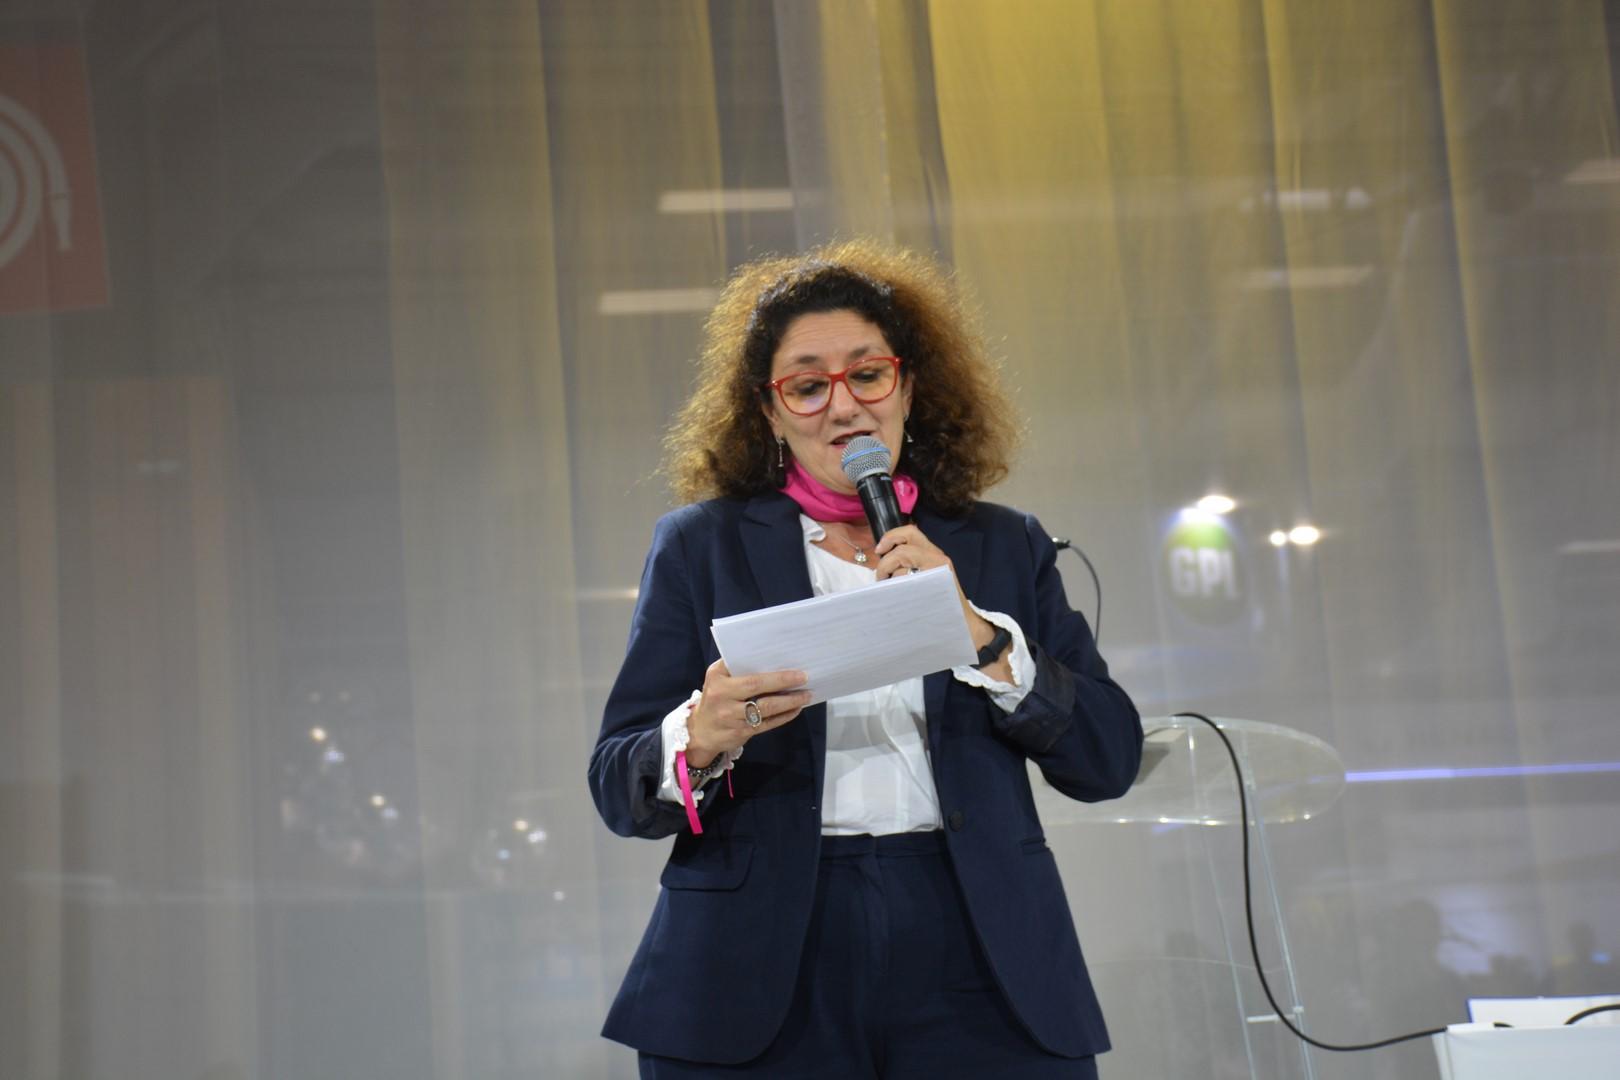 Isabelle Valentin Bianco au Mondial de l'Auto avec Elles Bougent: « L'industrie veut doubler le nombre de femmes, profitez-en! »